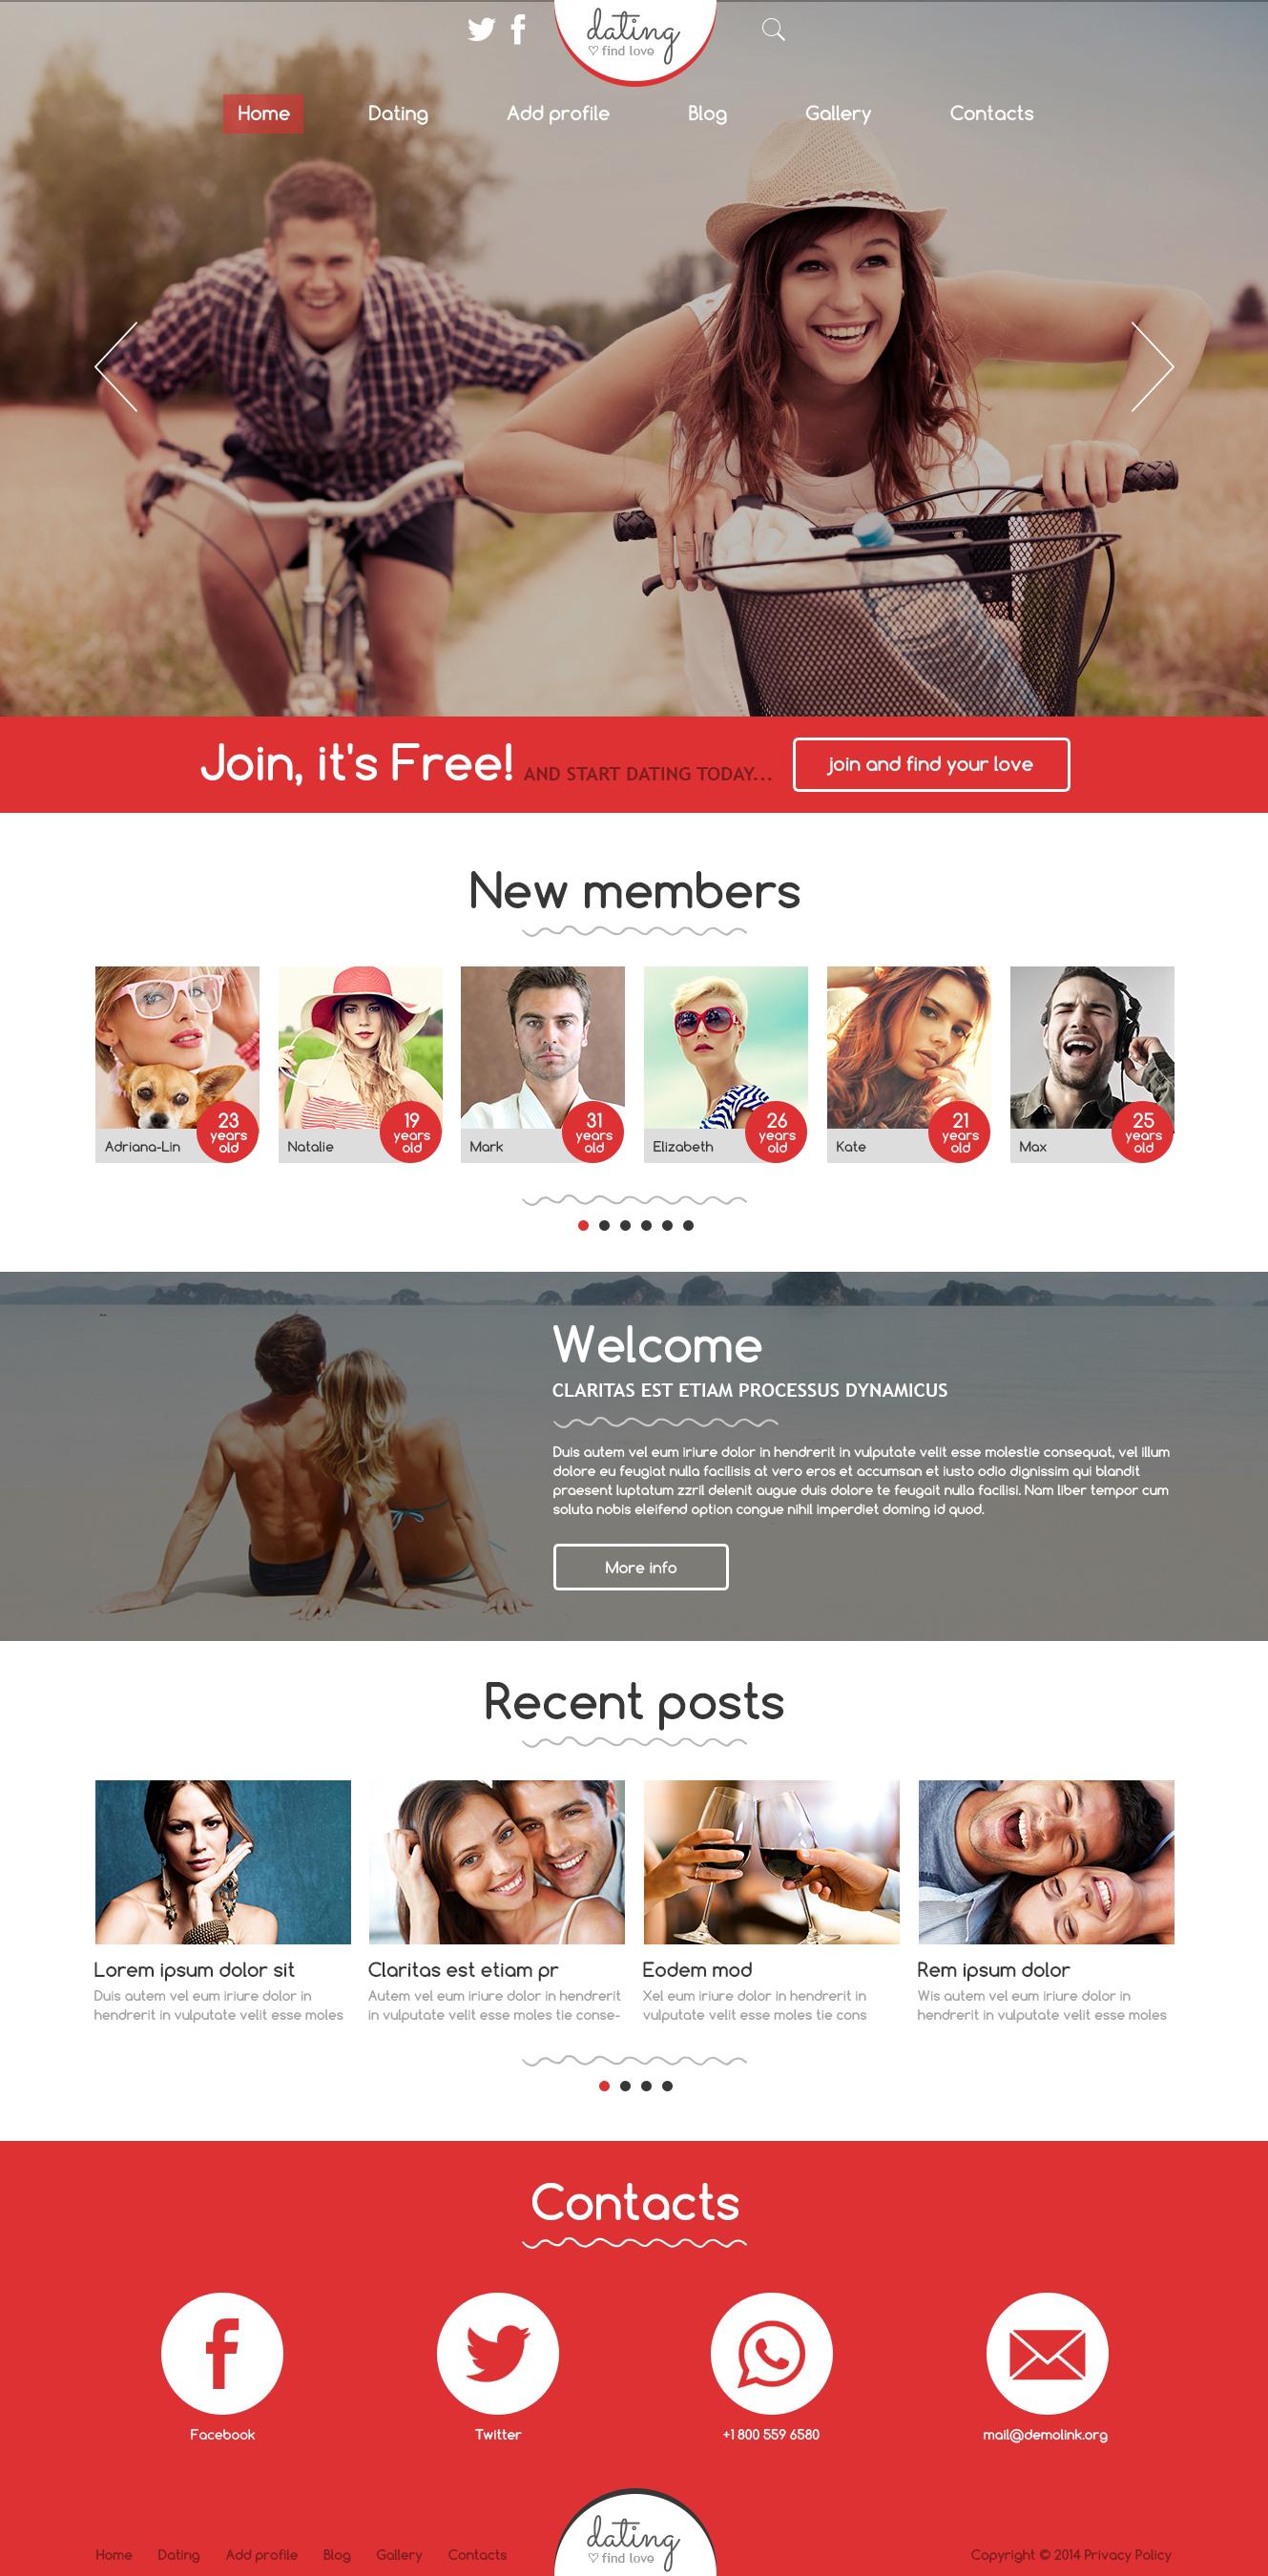 sito di incontri Dating Alberta gratuito